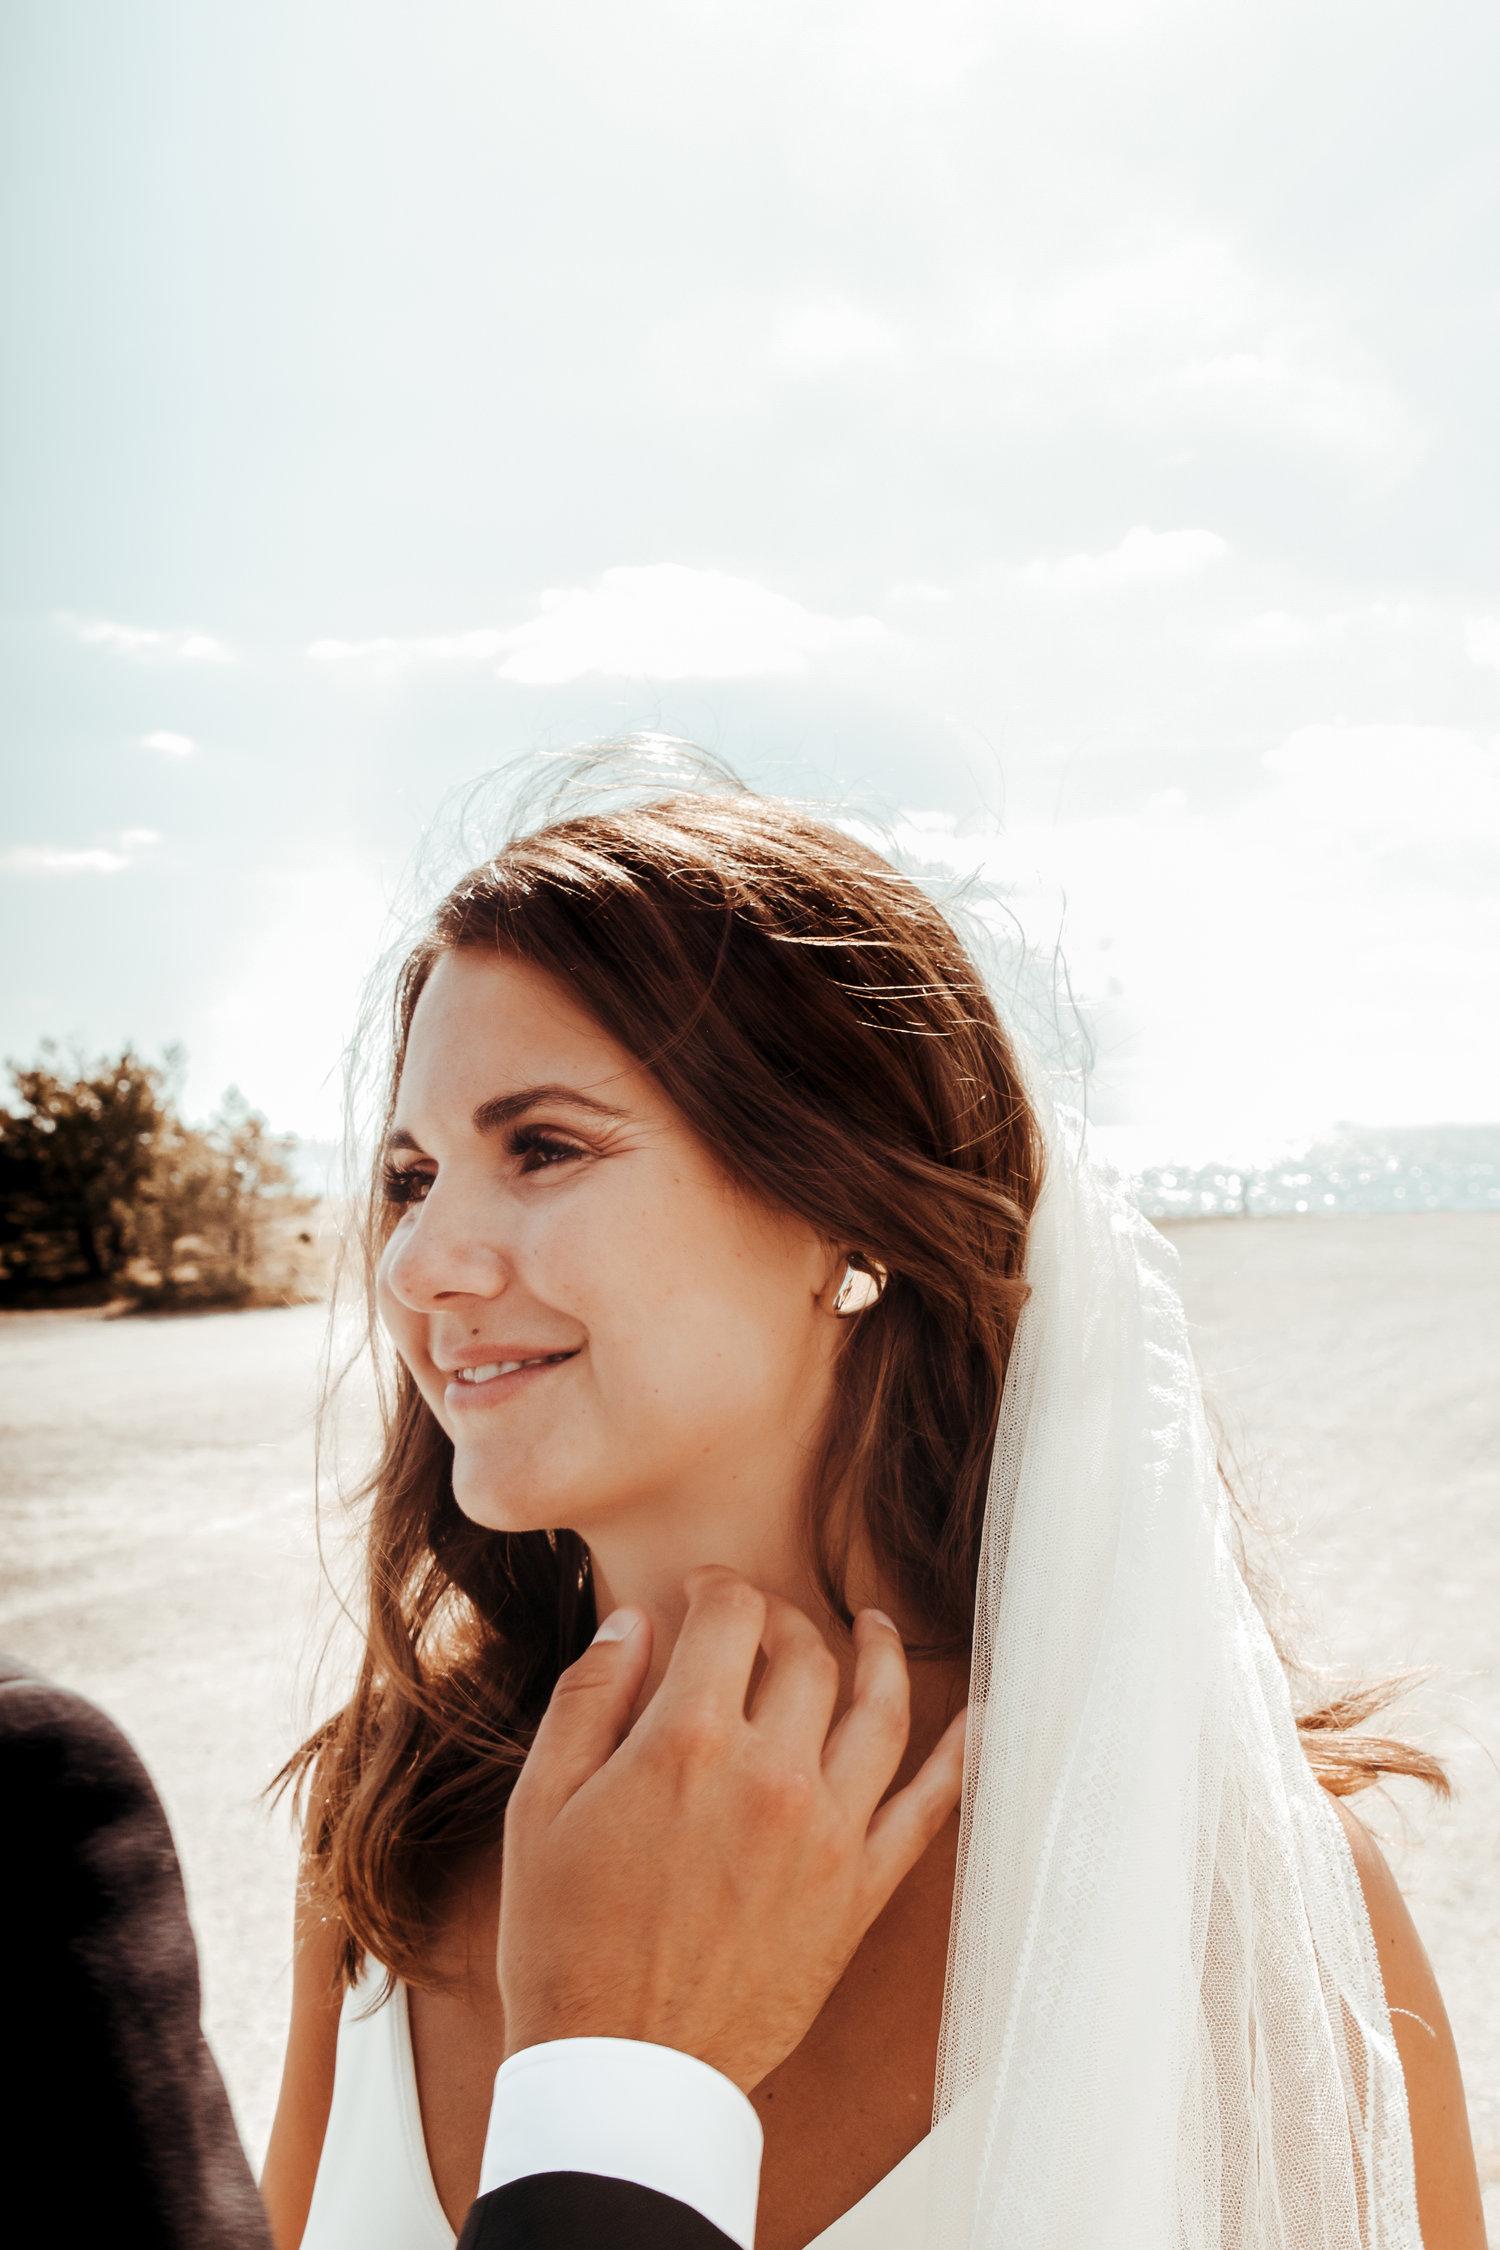 wedding+photography+bröllopsporträtt+furillen.jpg